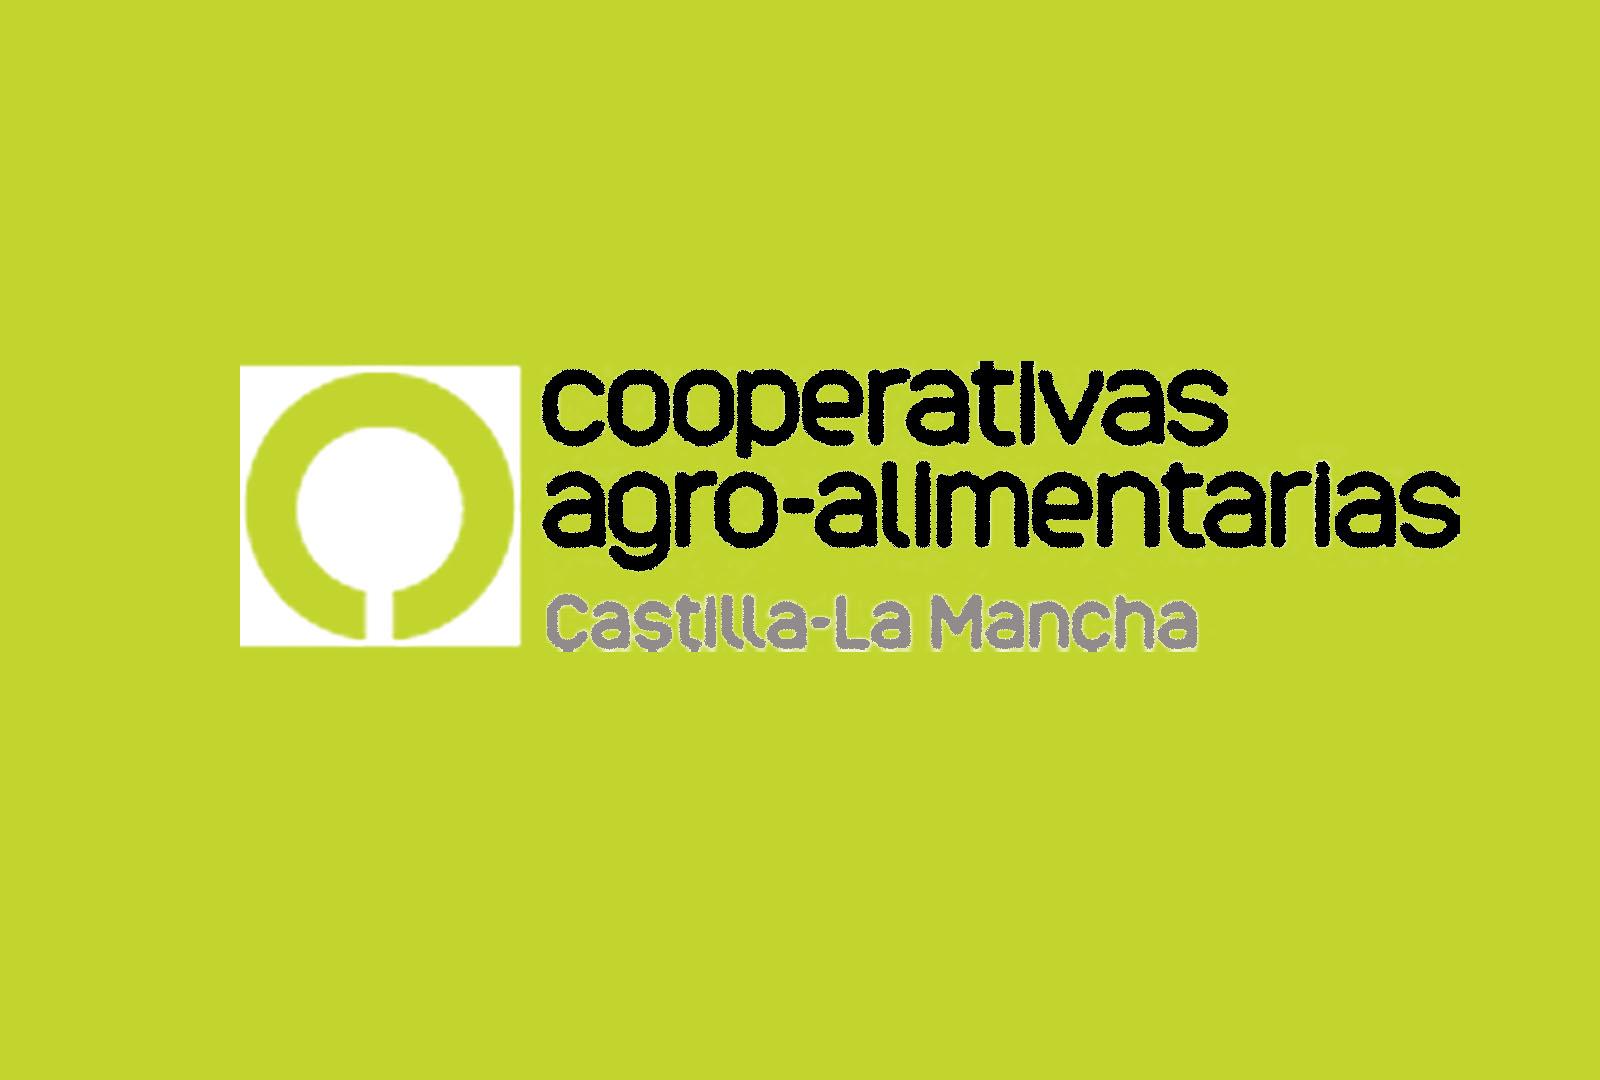 Castilla-La Mancha, concentra casi la mitad del viñedo.